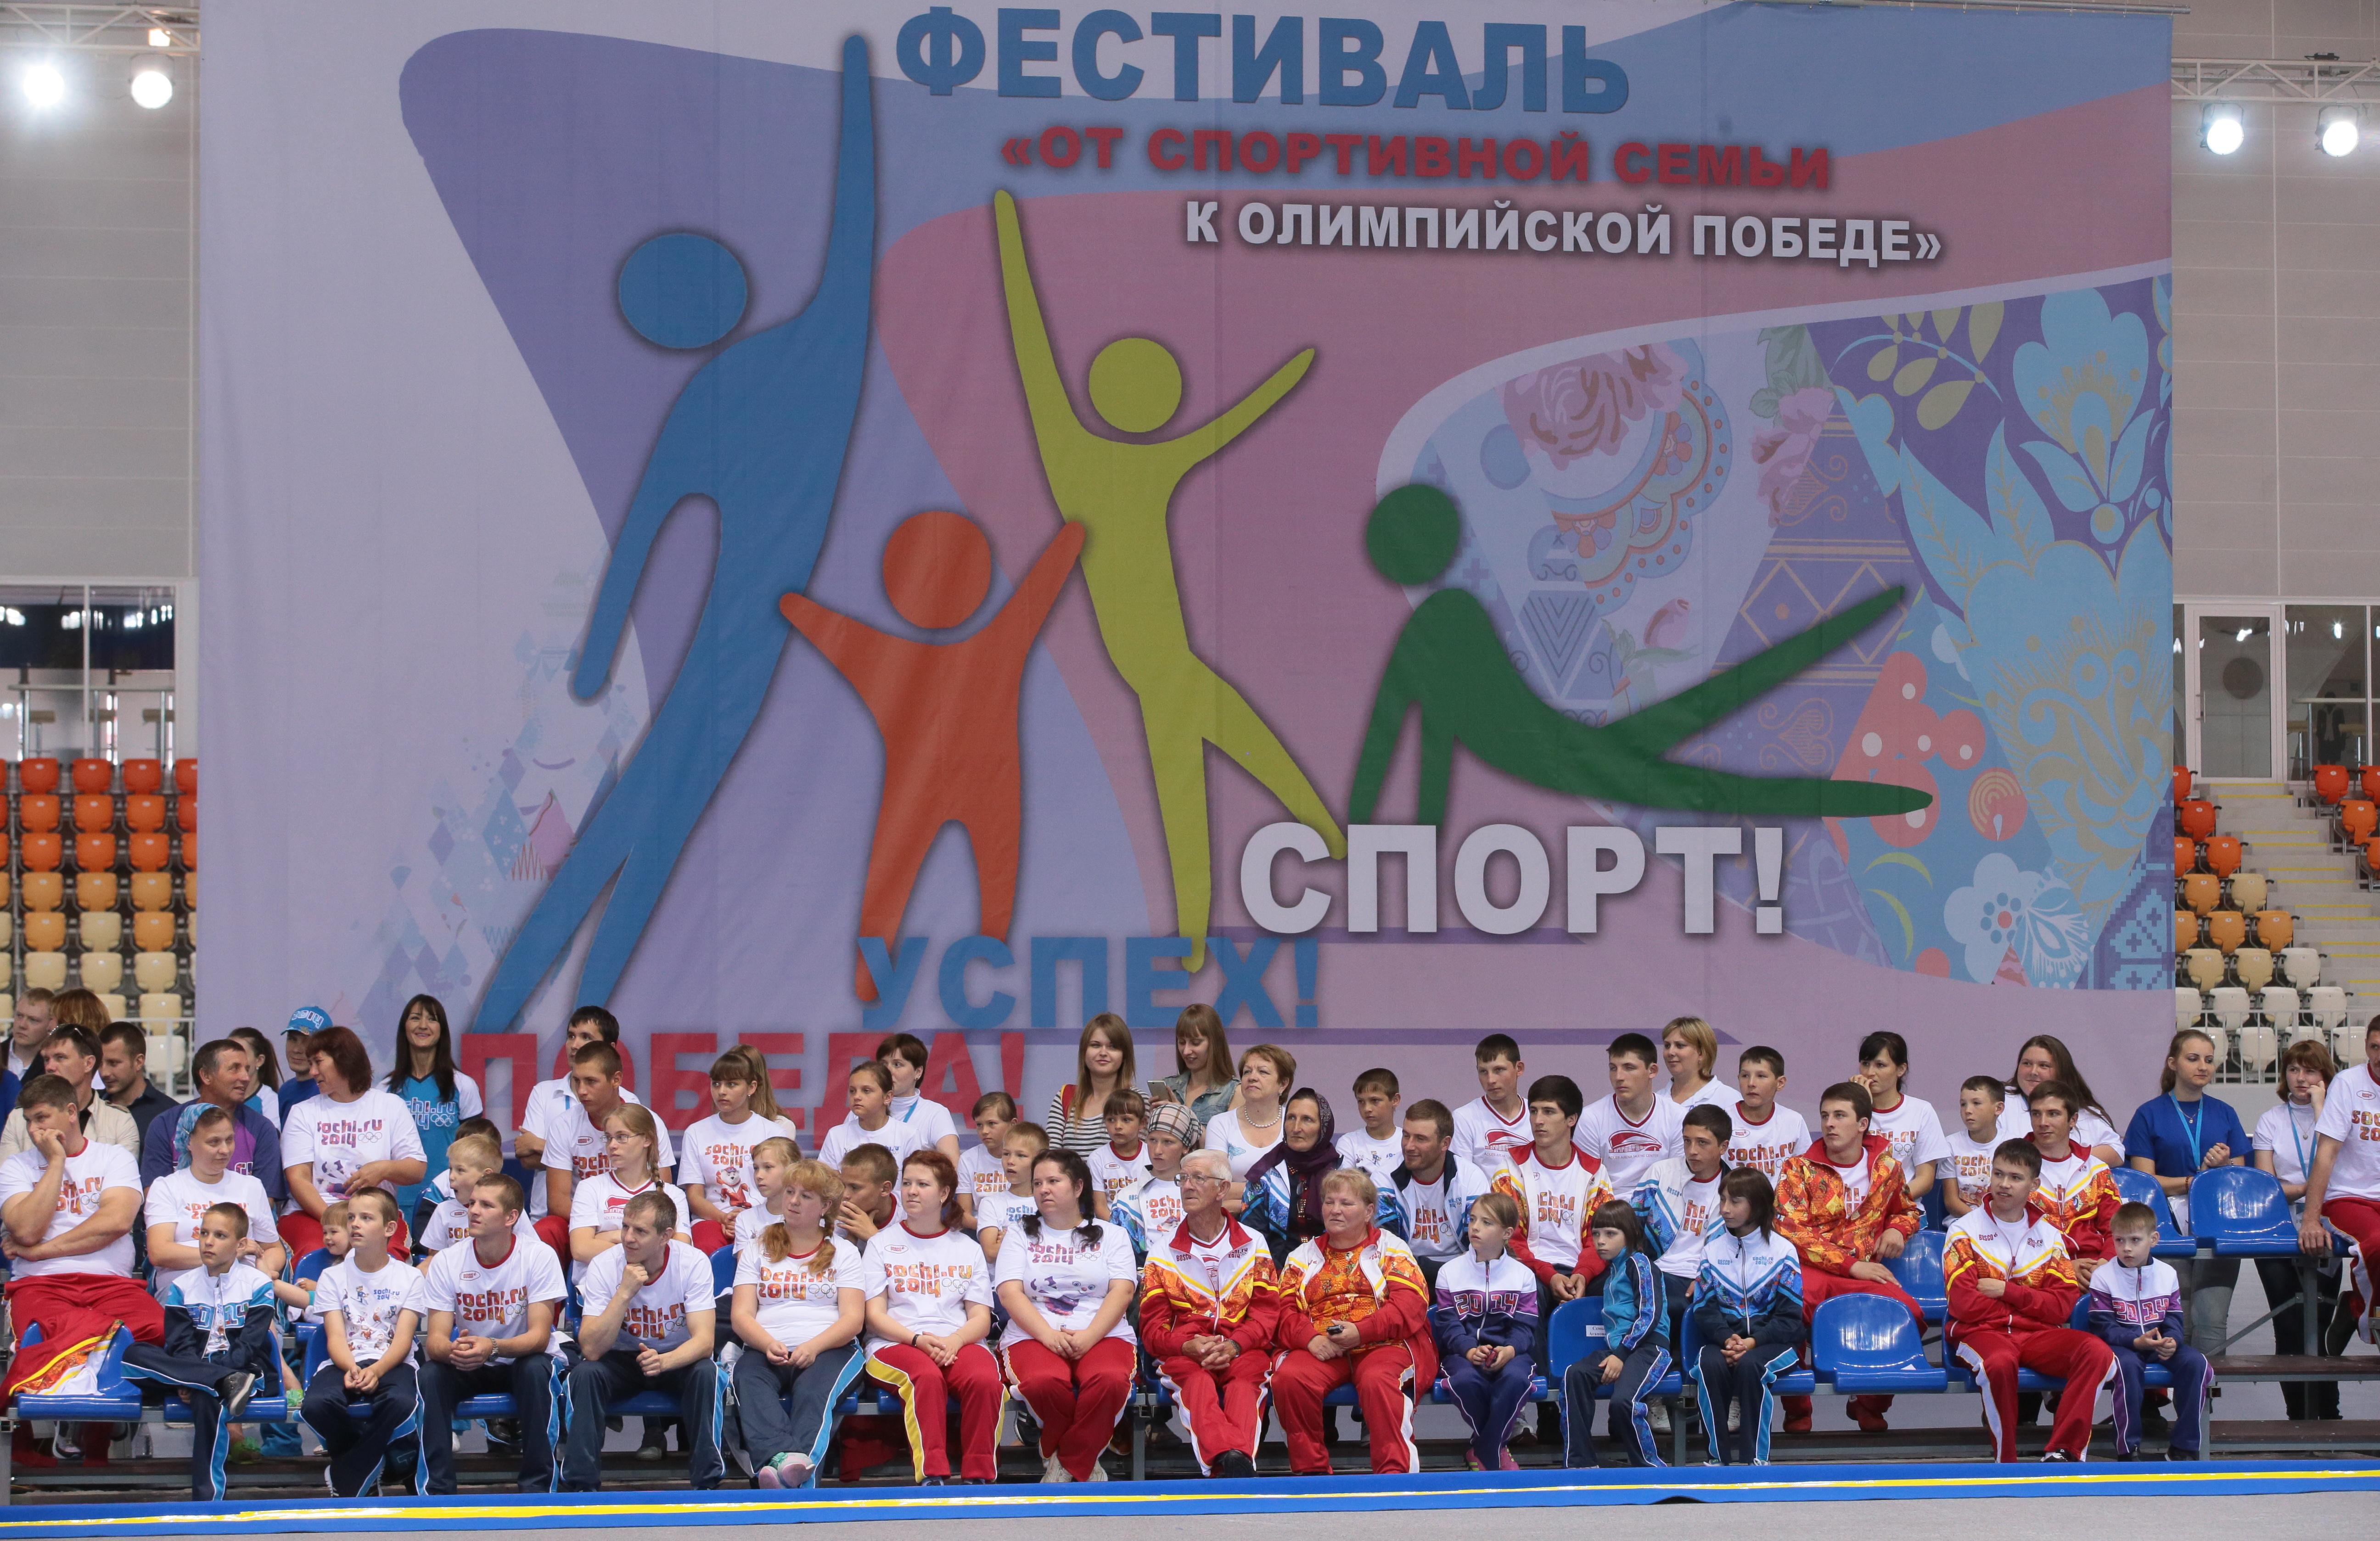 Спортивный фестиваль многодетных семей в Сочи